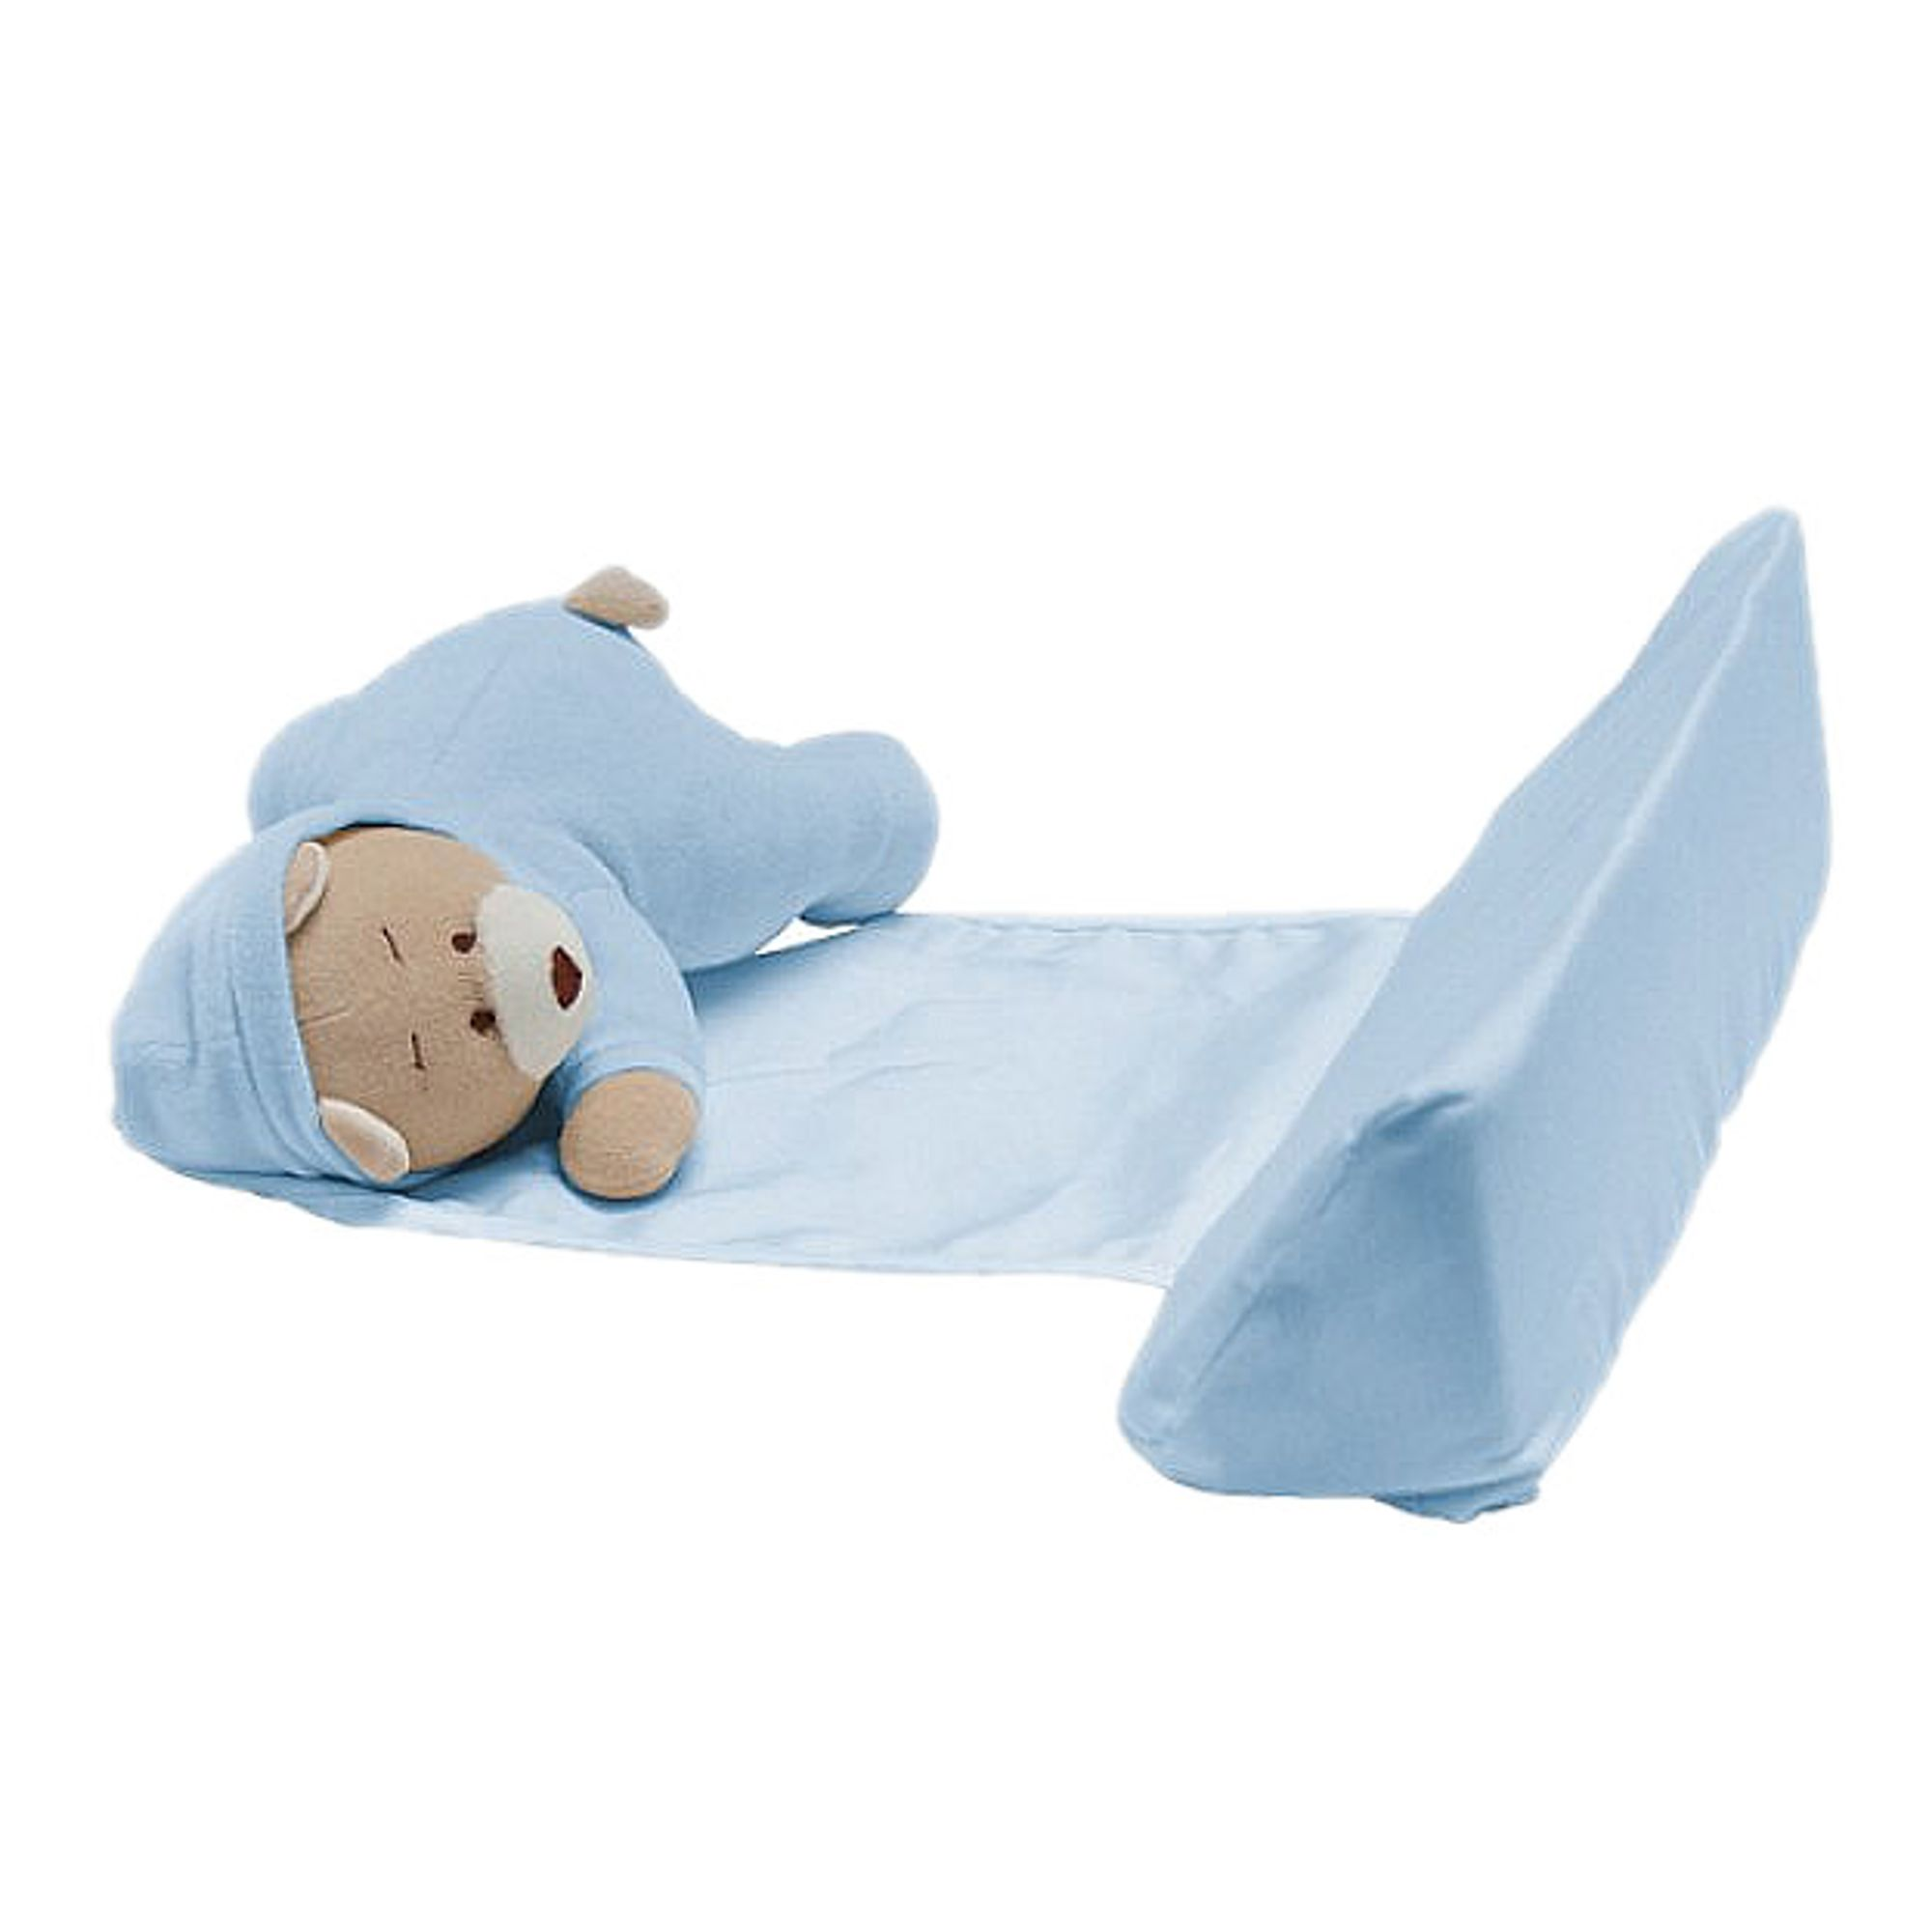 apoiador-para-bebes-ursinho-azul-zip-toys